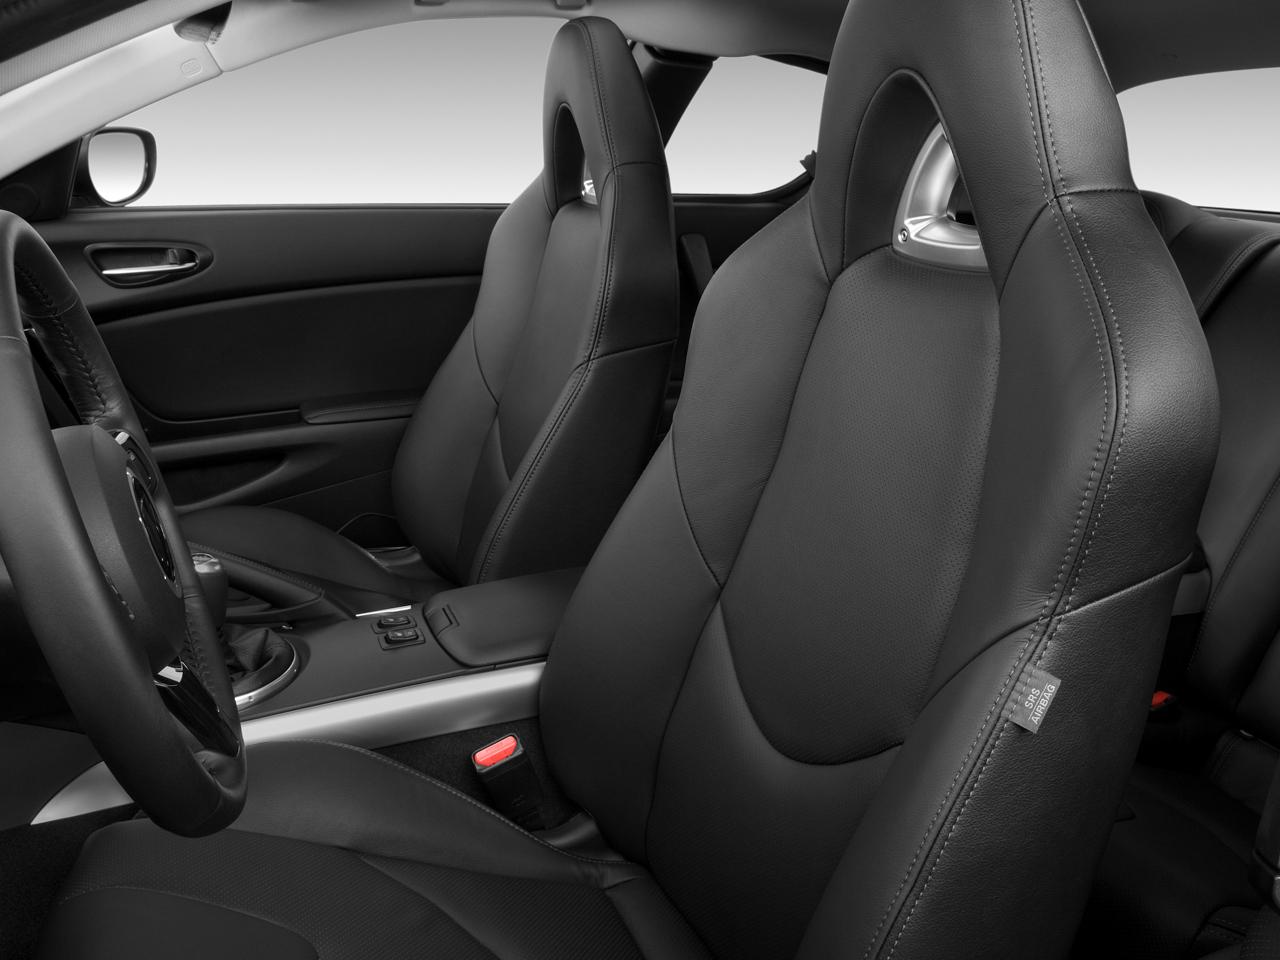 2009 Mazda RX-8 - Mazda Sports Coupe Review - Automobile Magazine